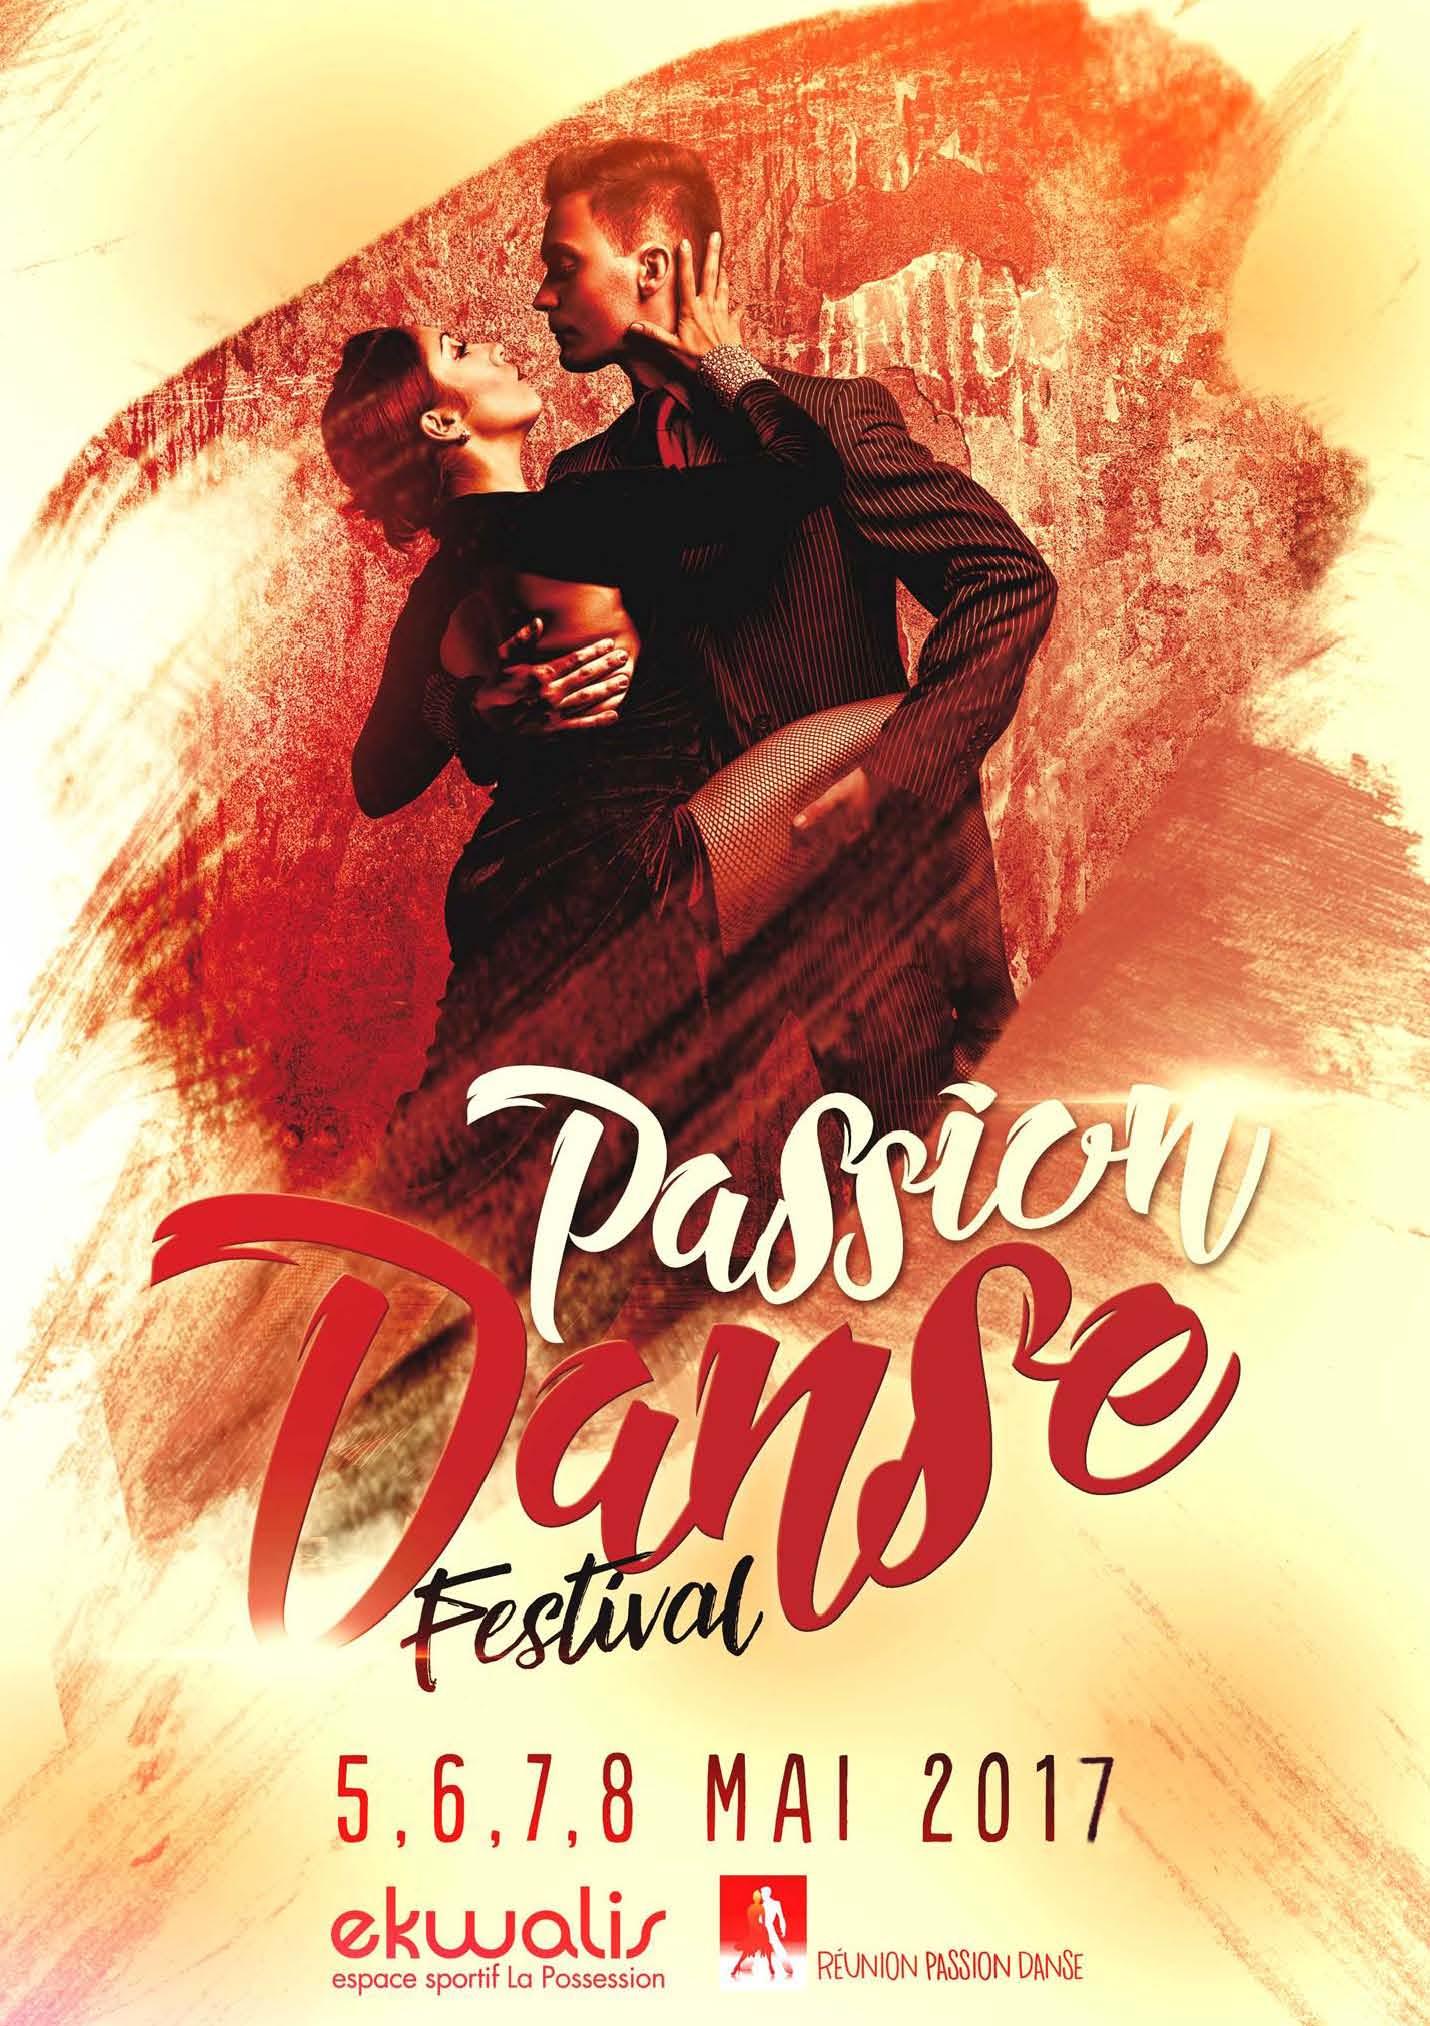 Passion Danse Festival 2ème édition c'est en mai pendant les vacances scolaires